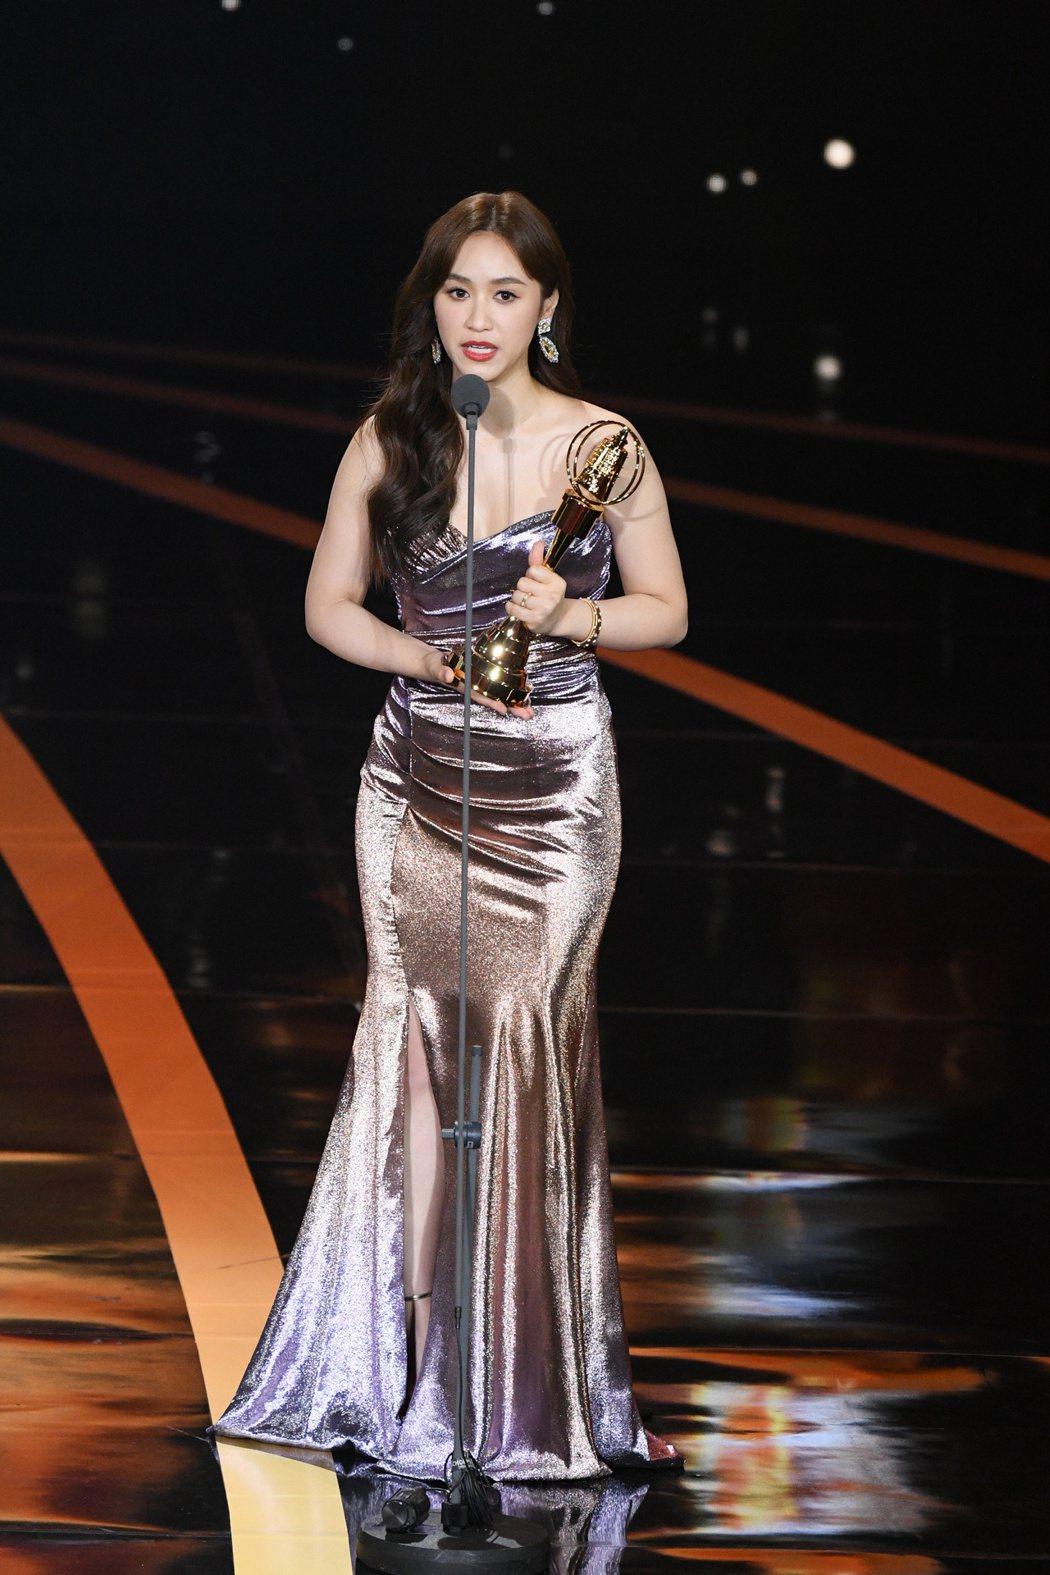 吳姍儒在金鐘獎上已走出自己一條路。圖/三立電視提供